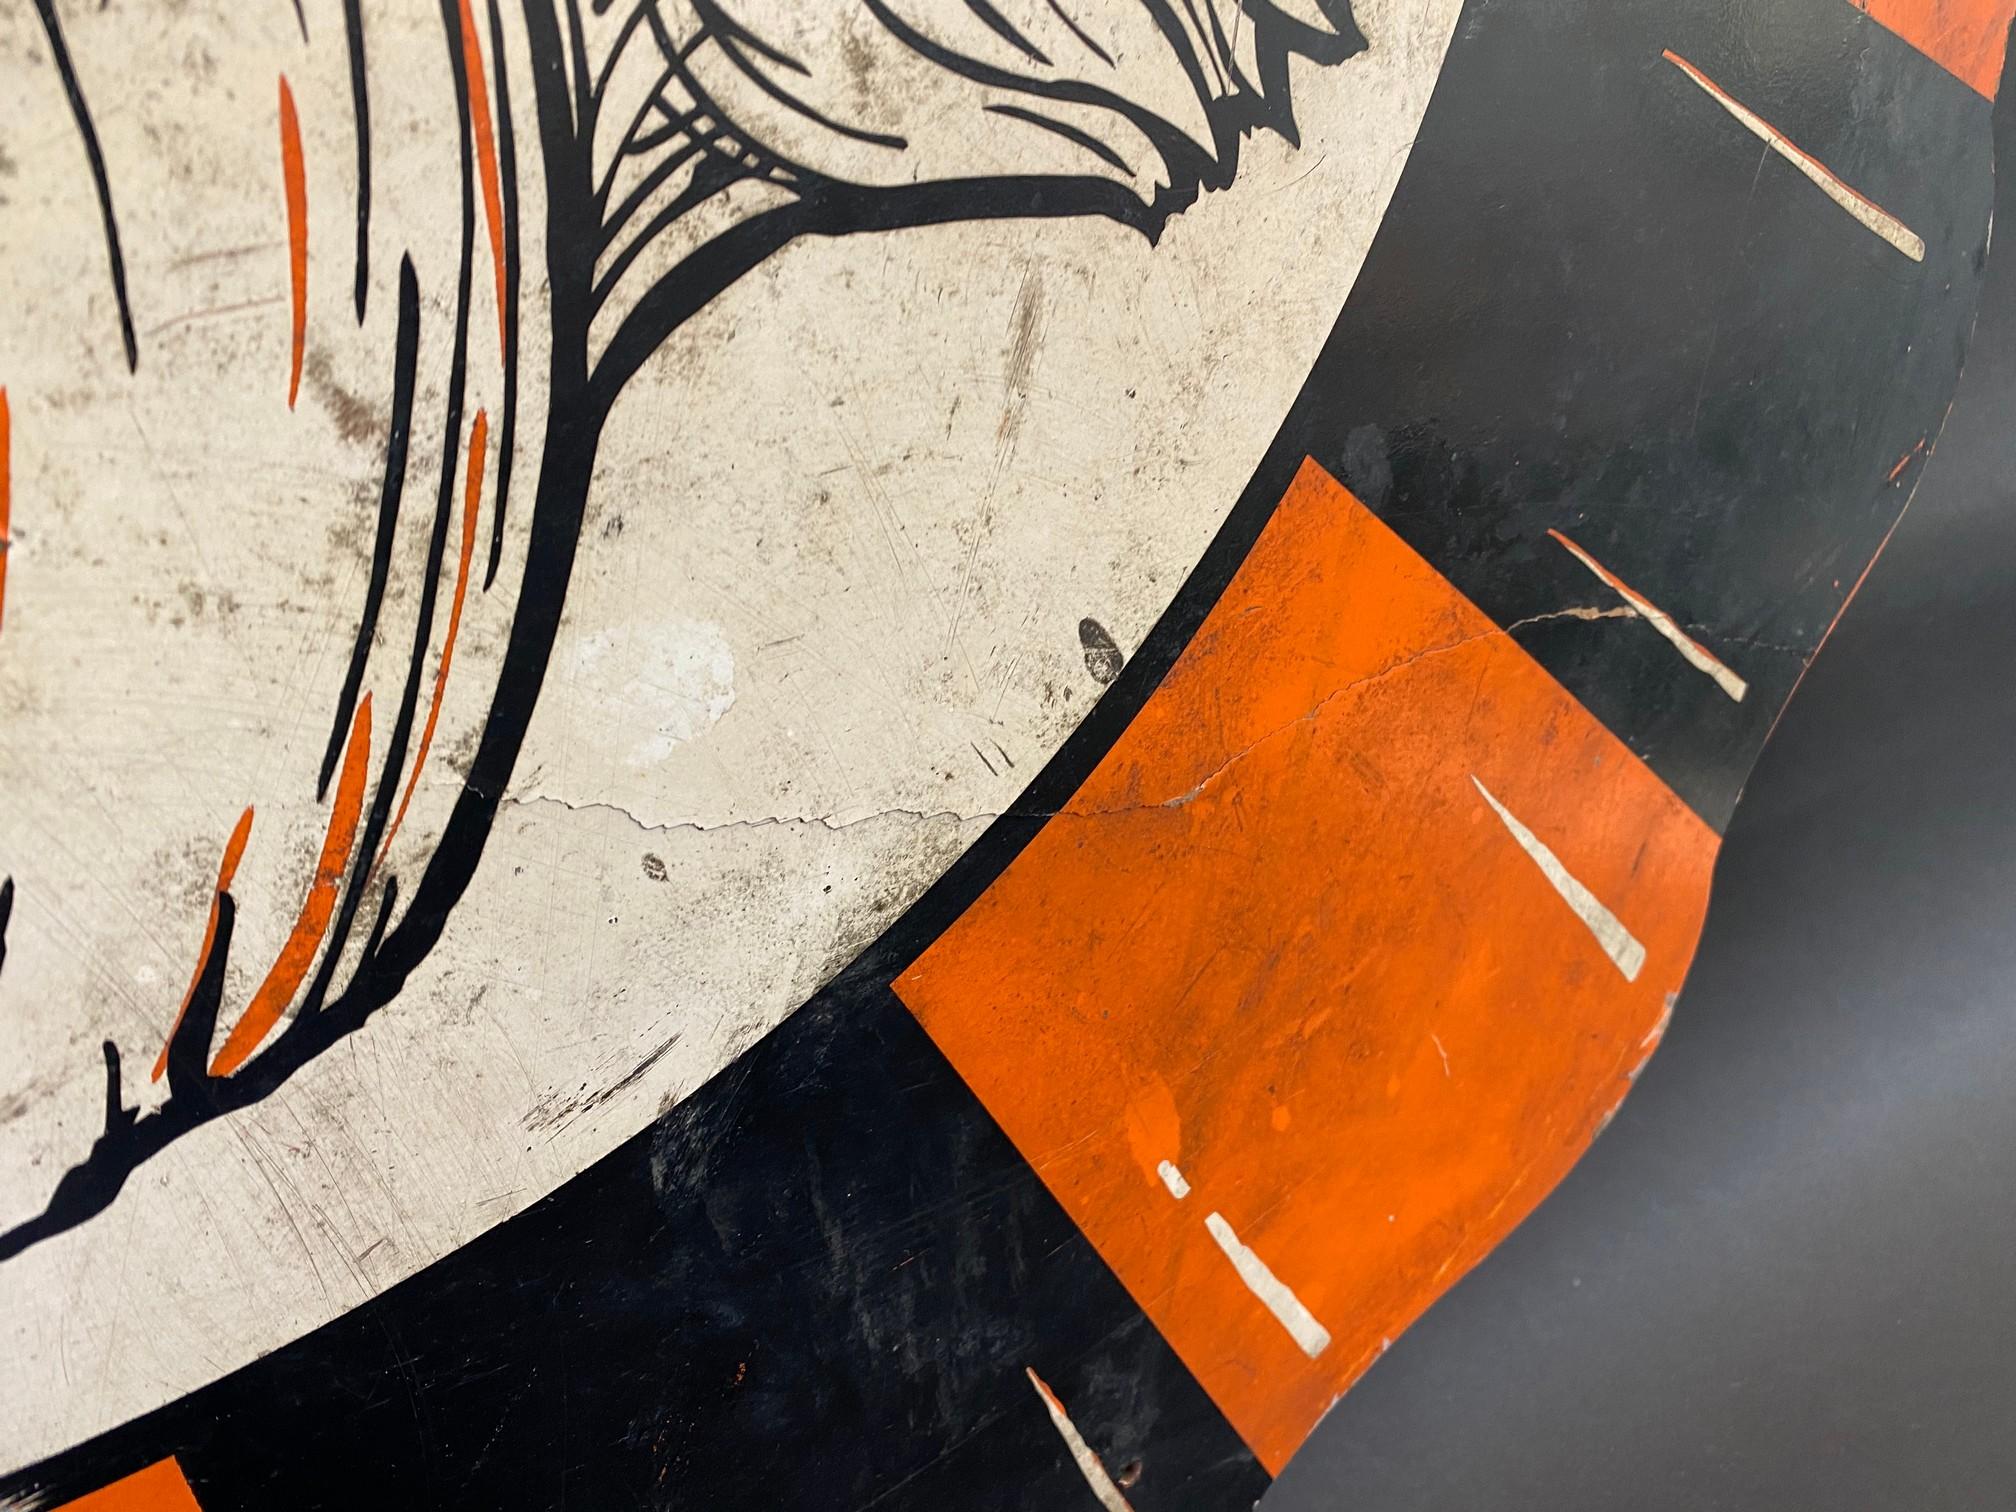 """An Esso 'Tiger' hardboard promotional hardboard sign, 36"""" diameter. - Image 2 of 4"""